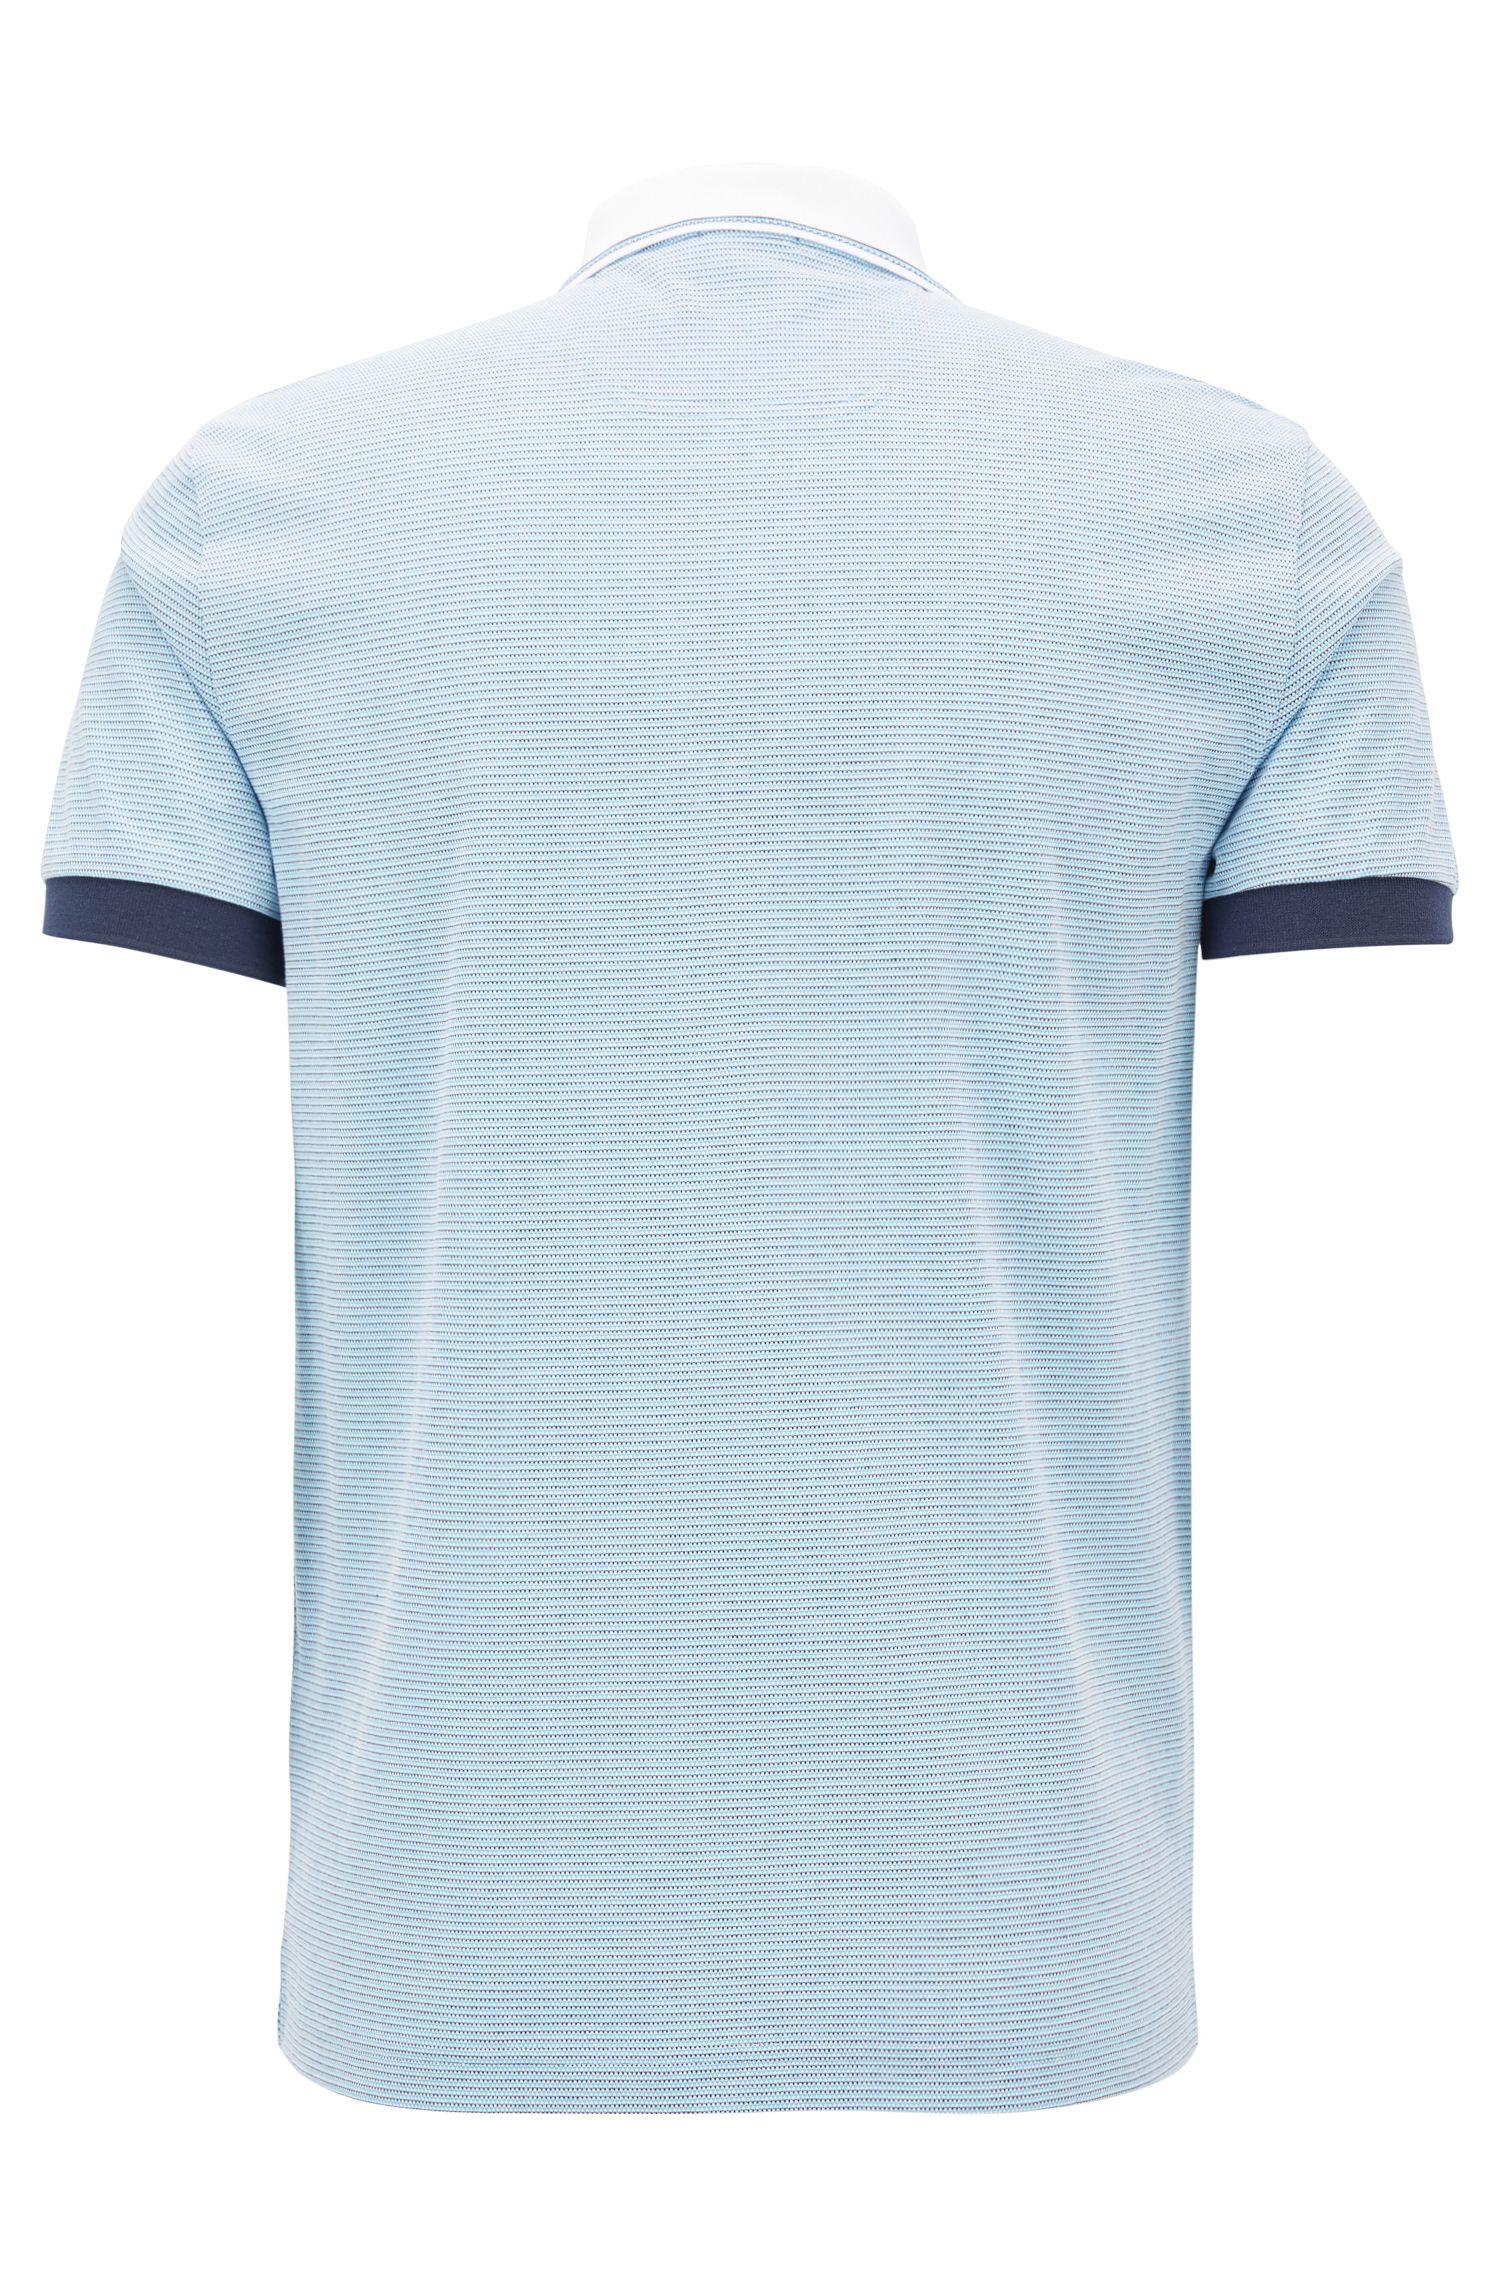 Poloshirt aus Baumwoll-Piqué mit kontrastfarbenen Details